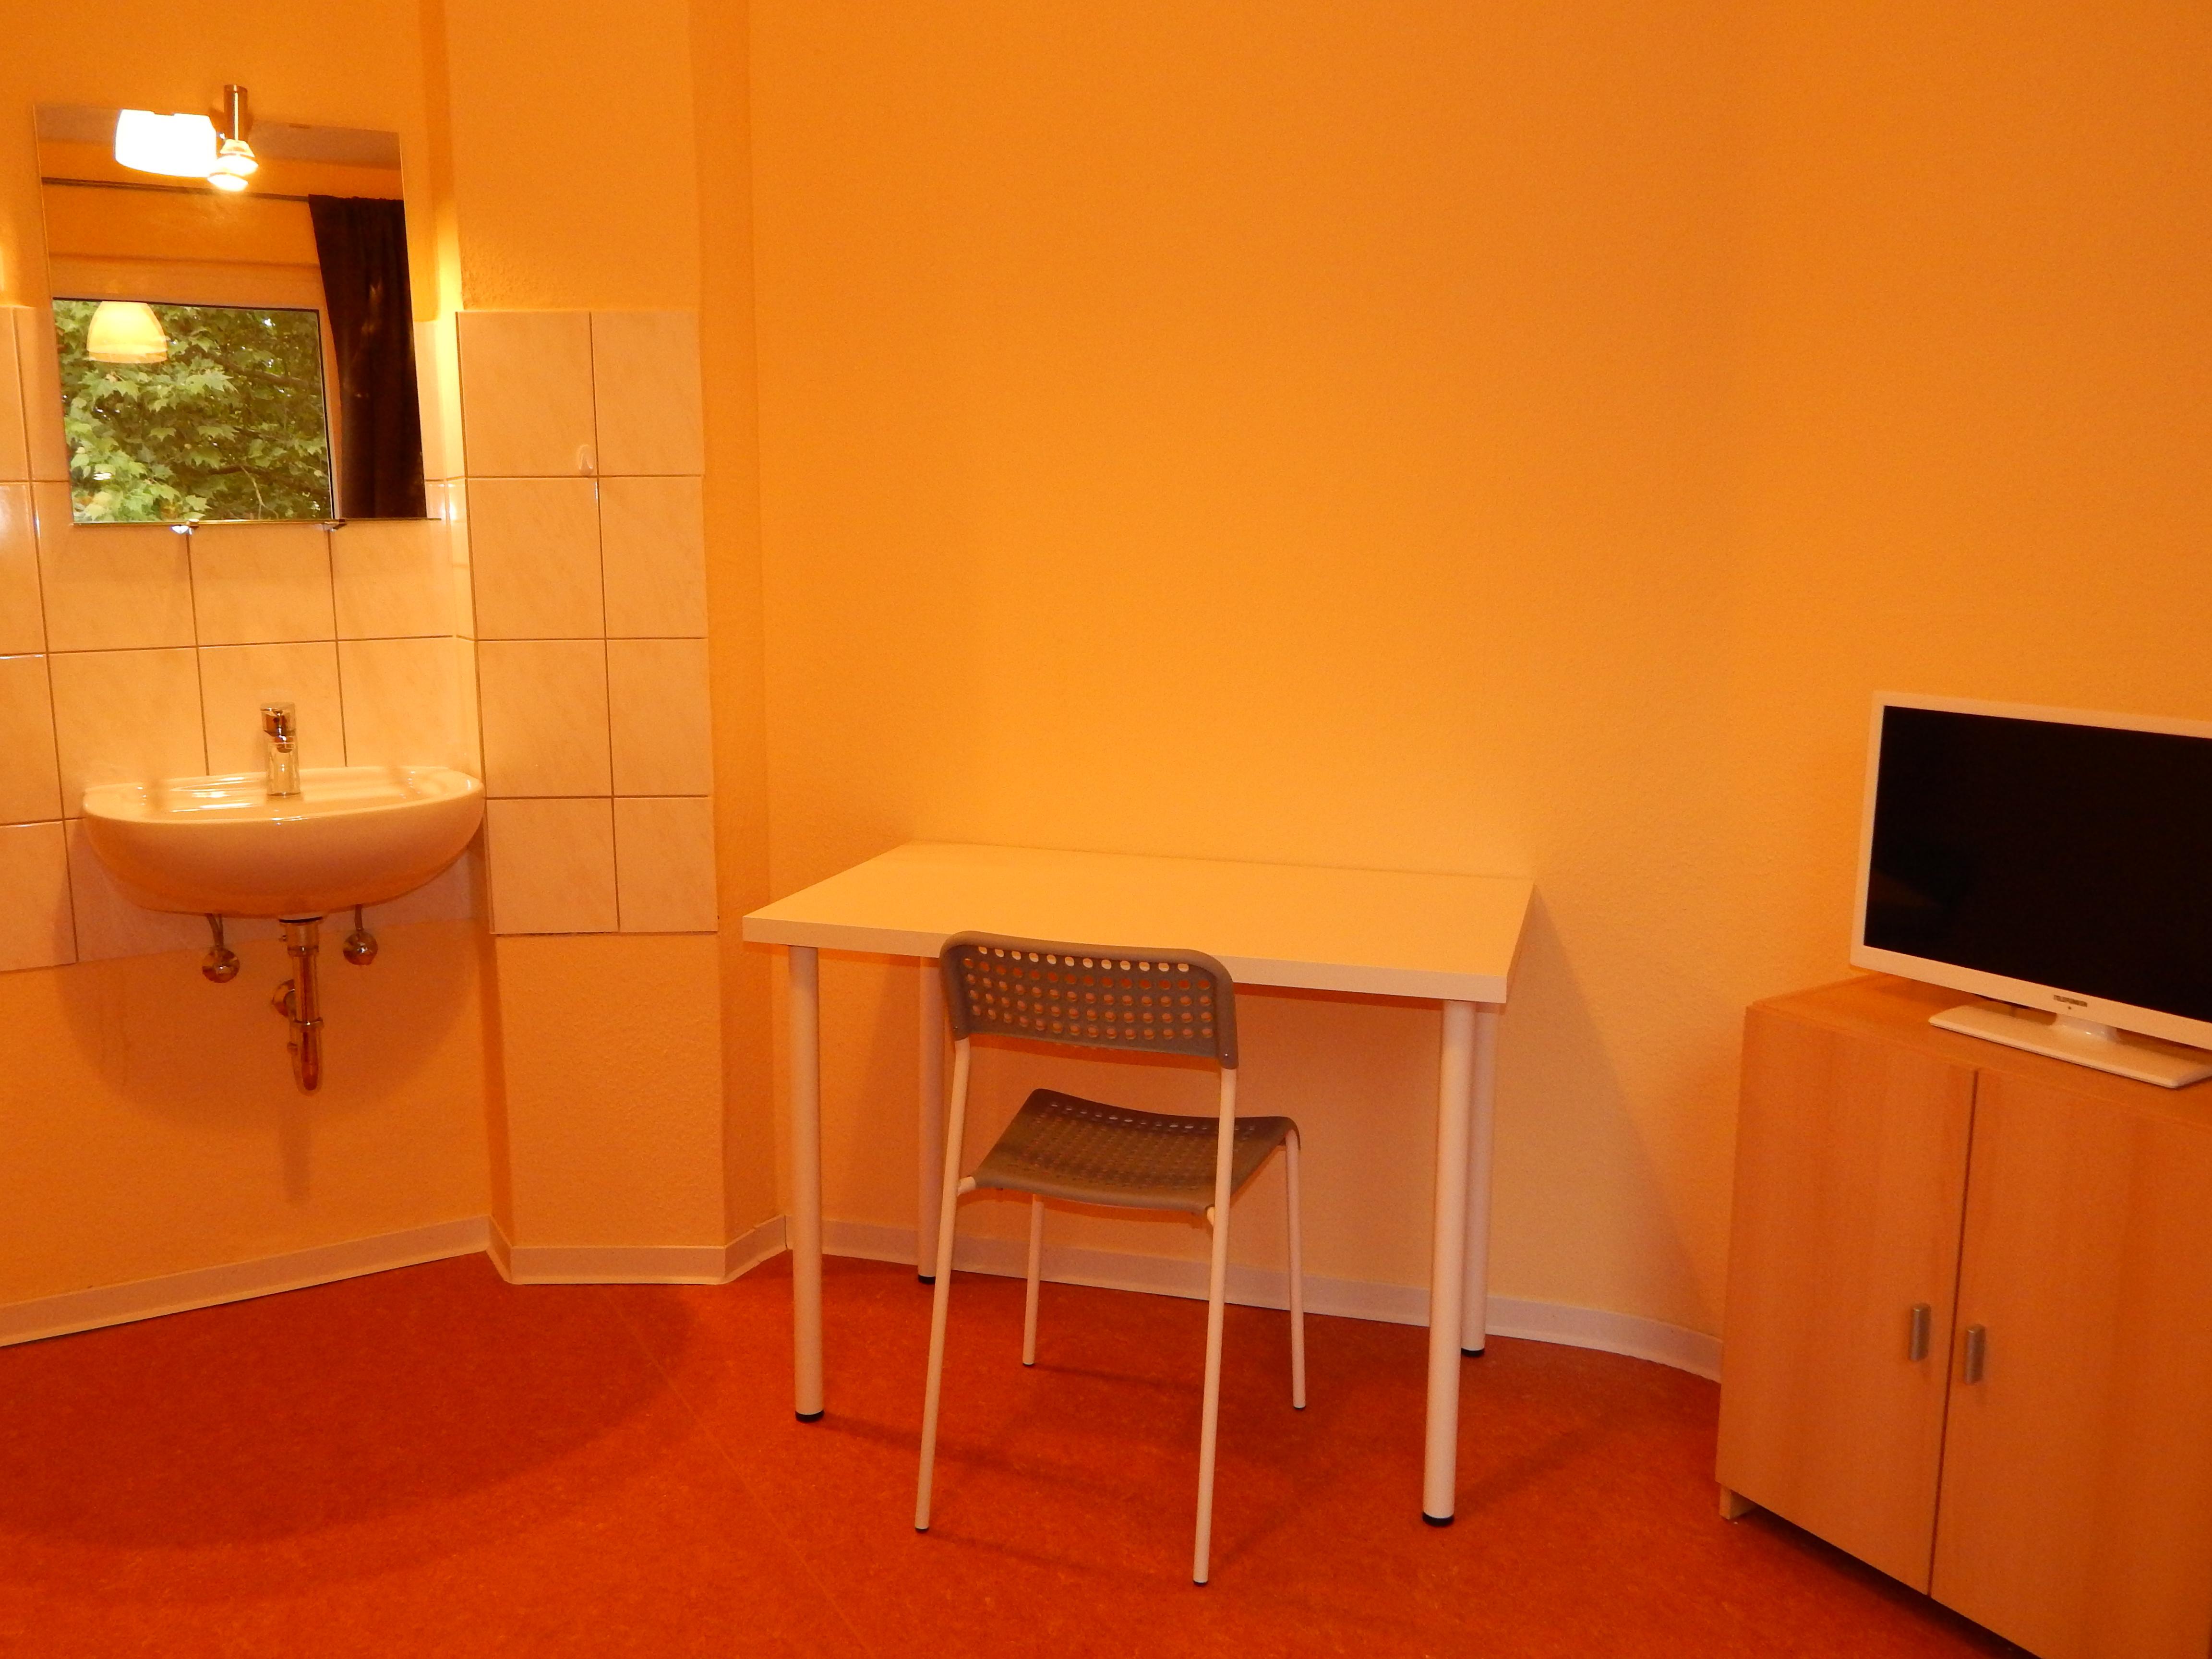 HOME at FRIENDS - Zu Hause bei Freunden, Lange Str. 139 in Dortmund